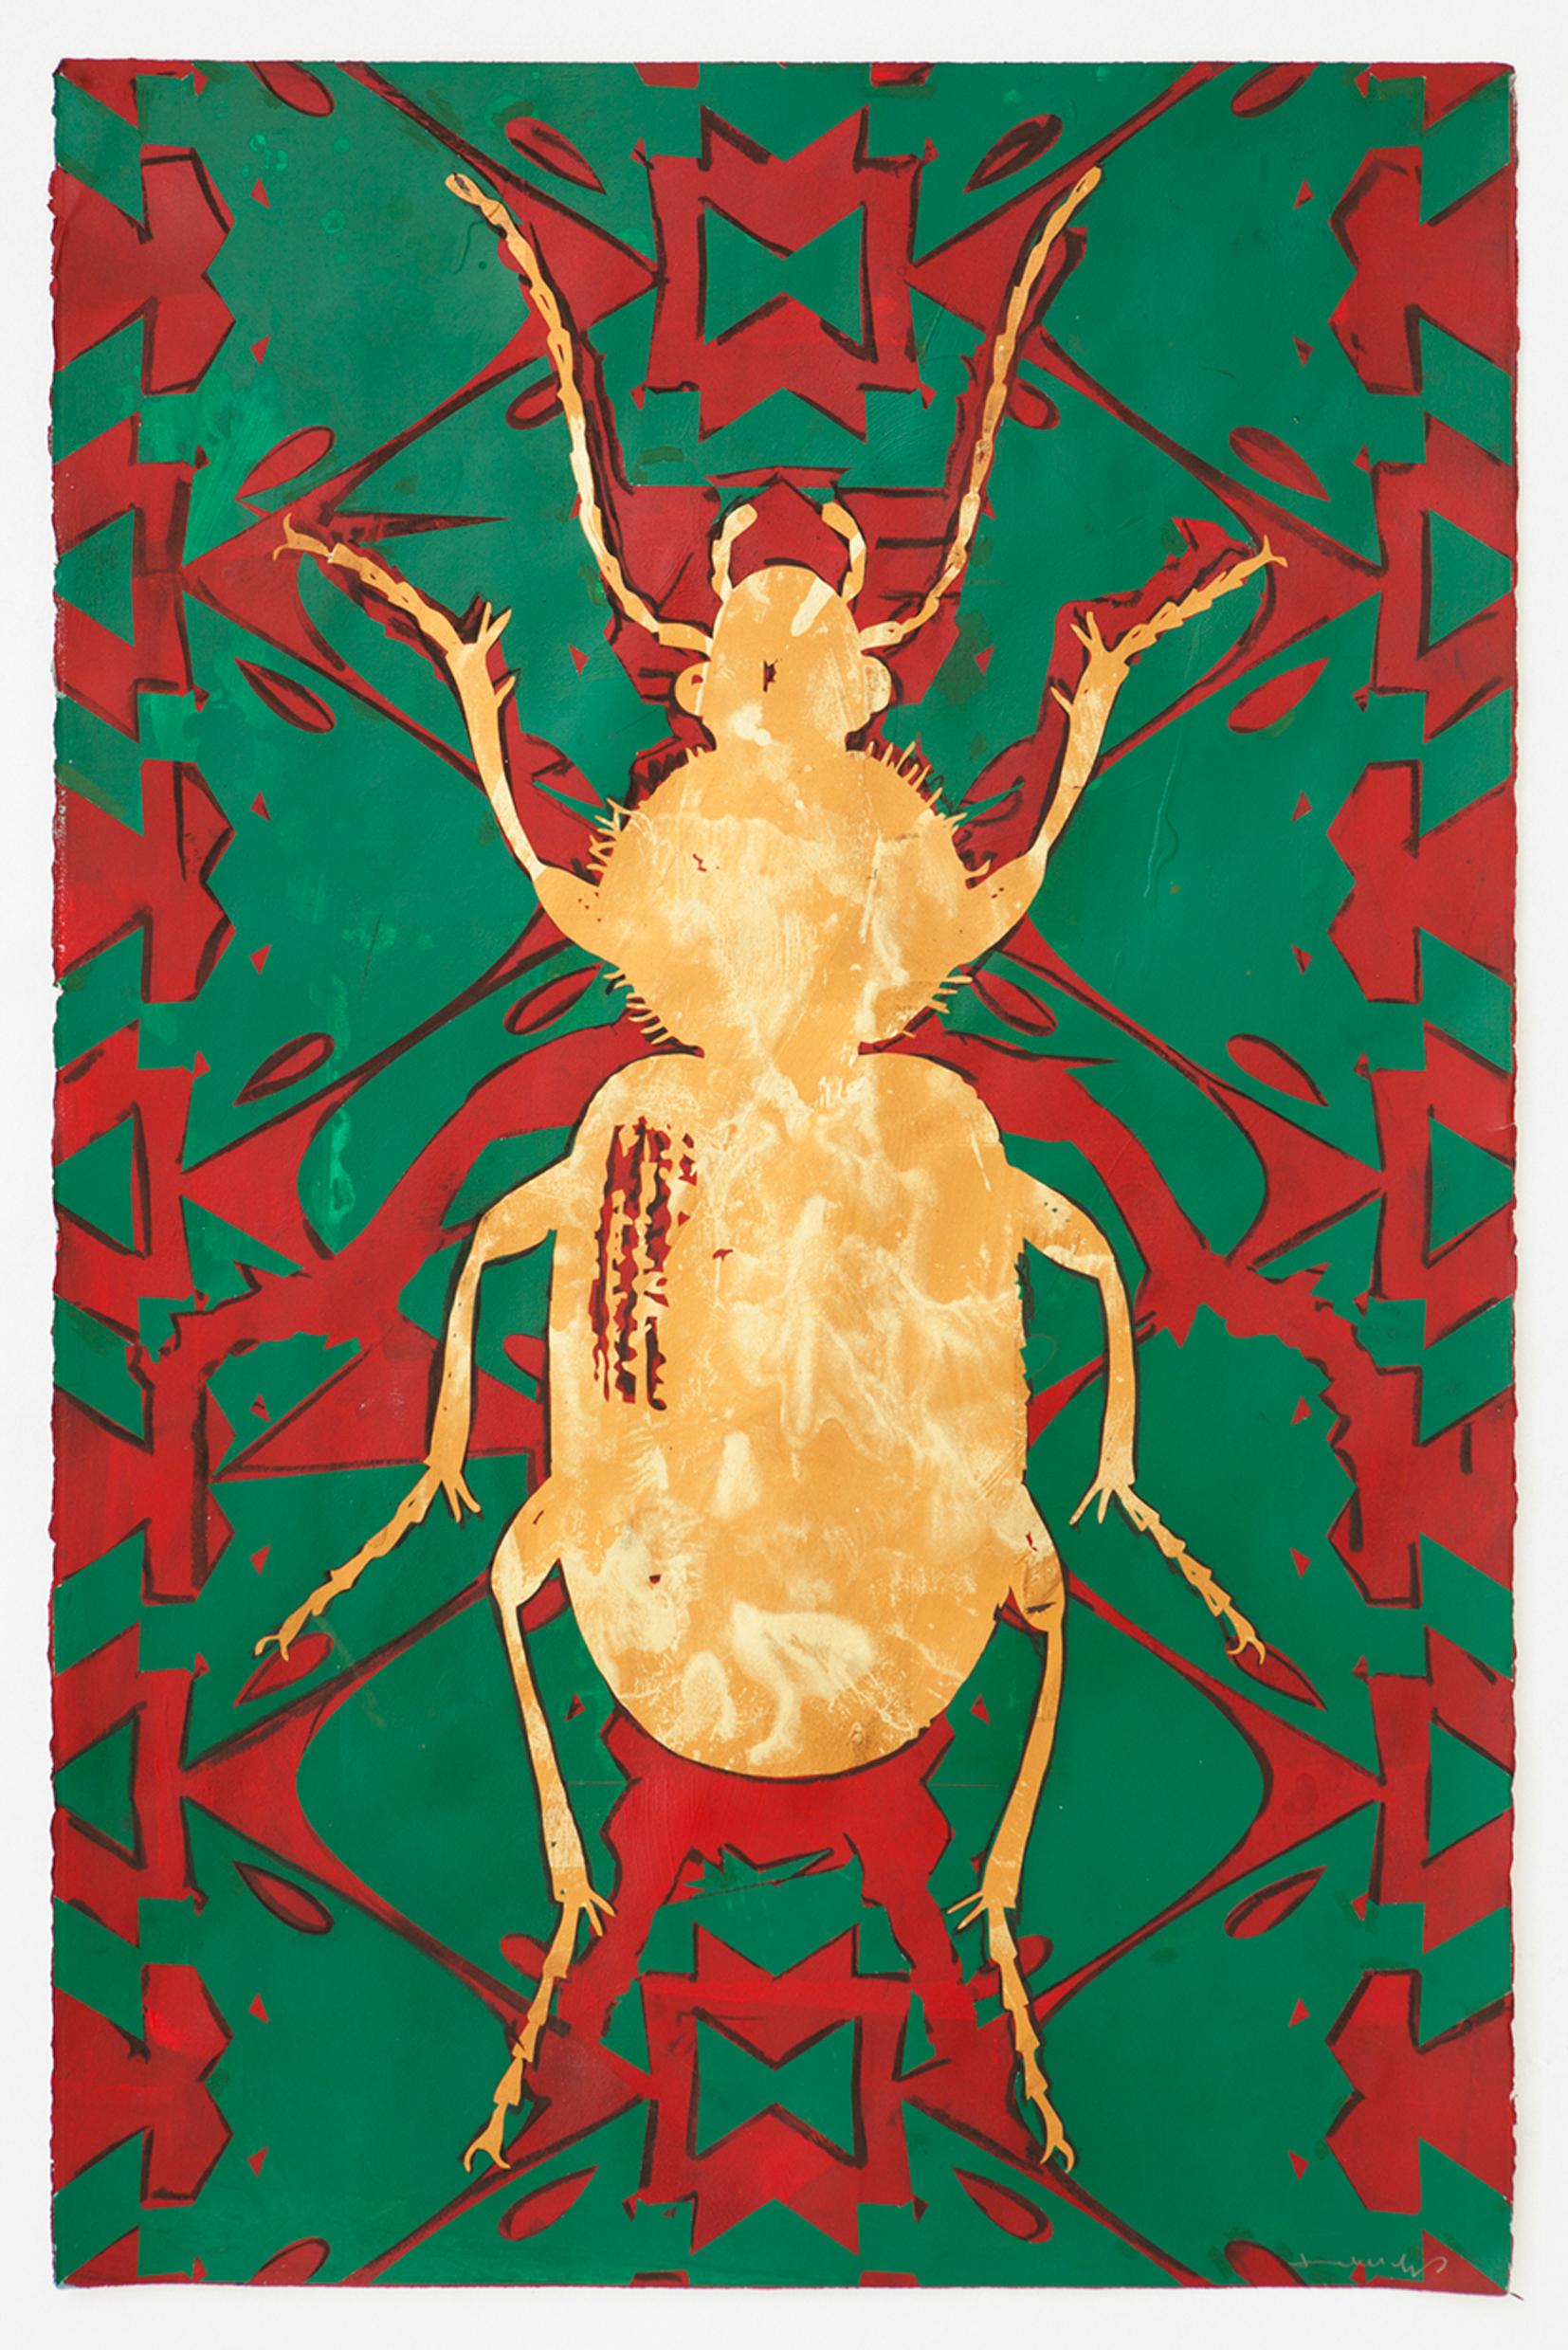 Wittgensteins Beetle 2020